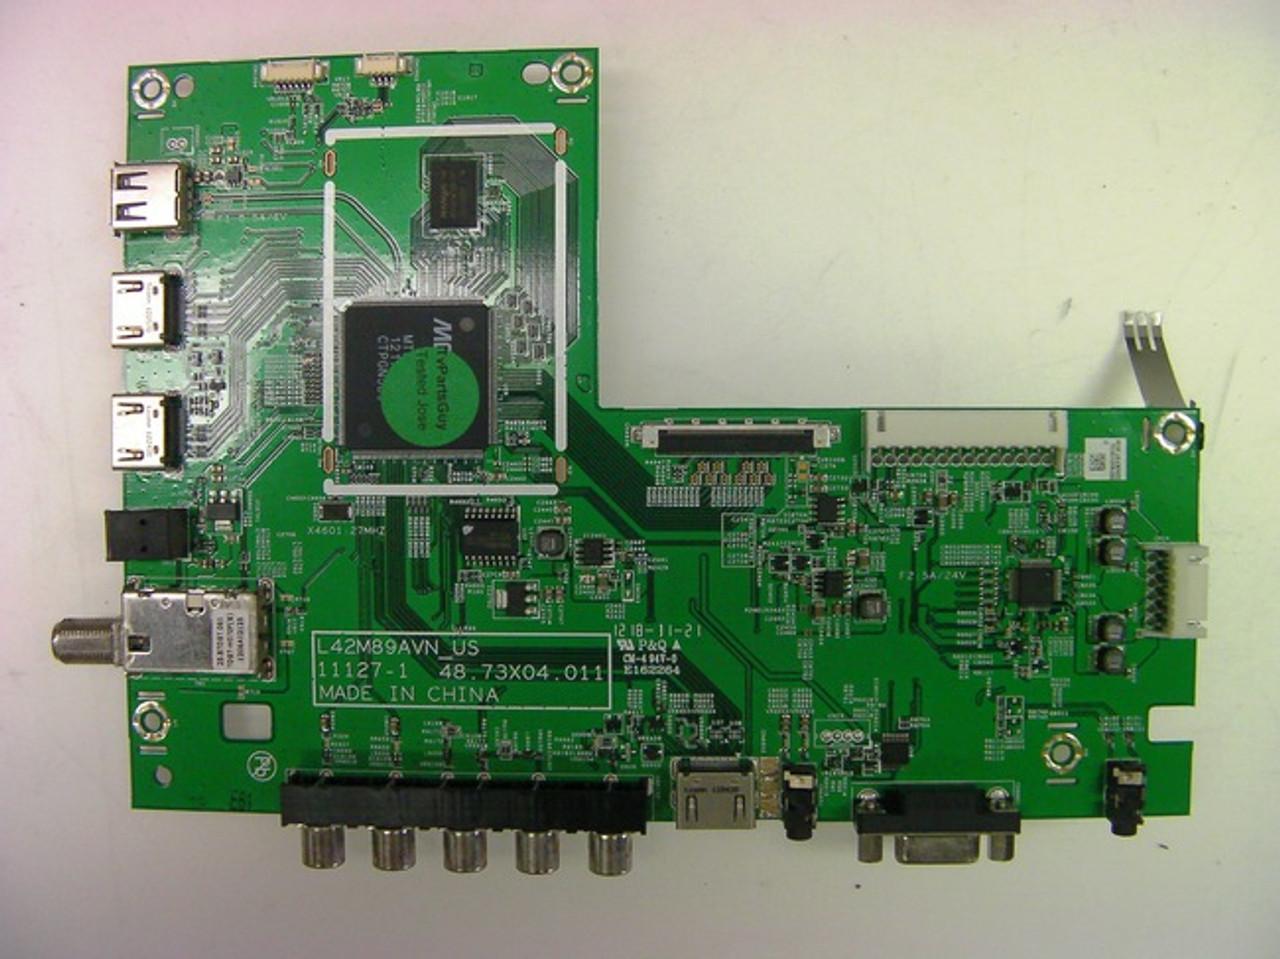 VIZIO, E500AR, MAIN BOARD, 55.74X01.001, 48.73X04.011